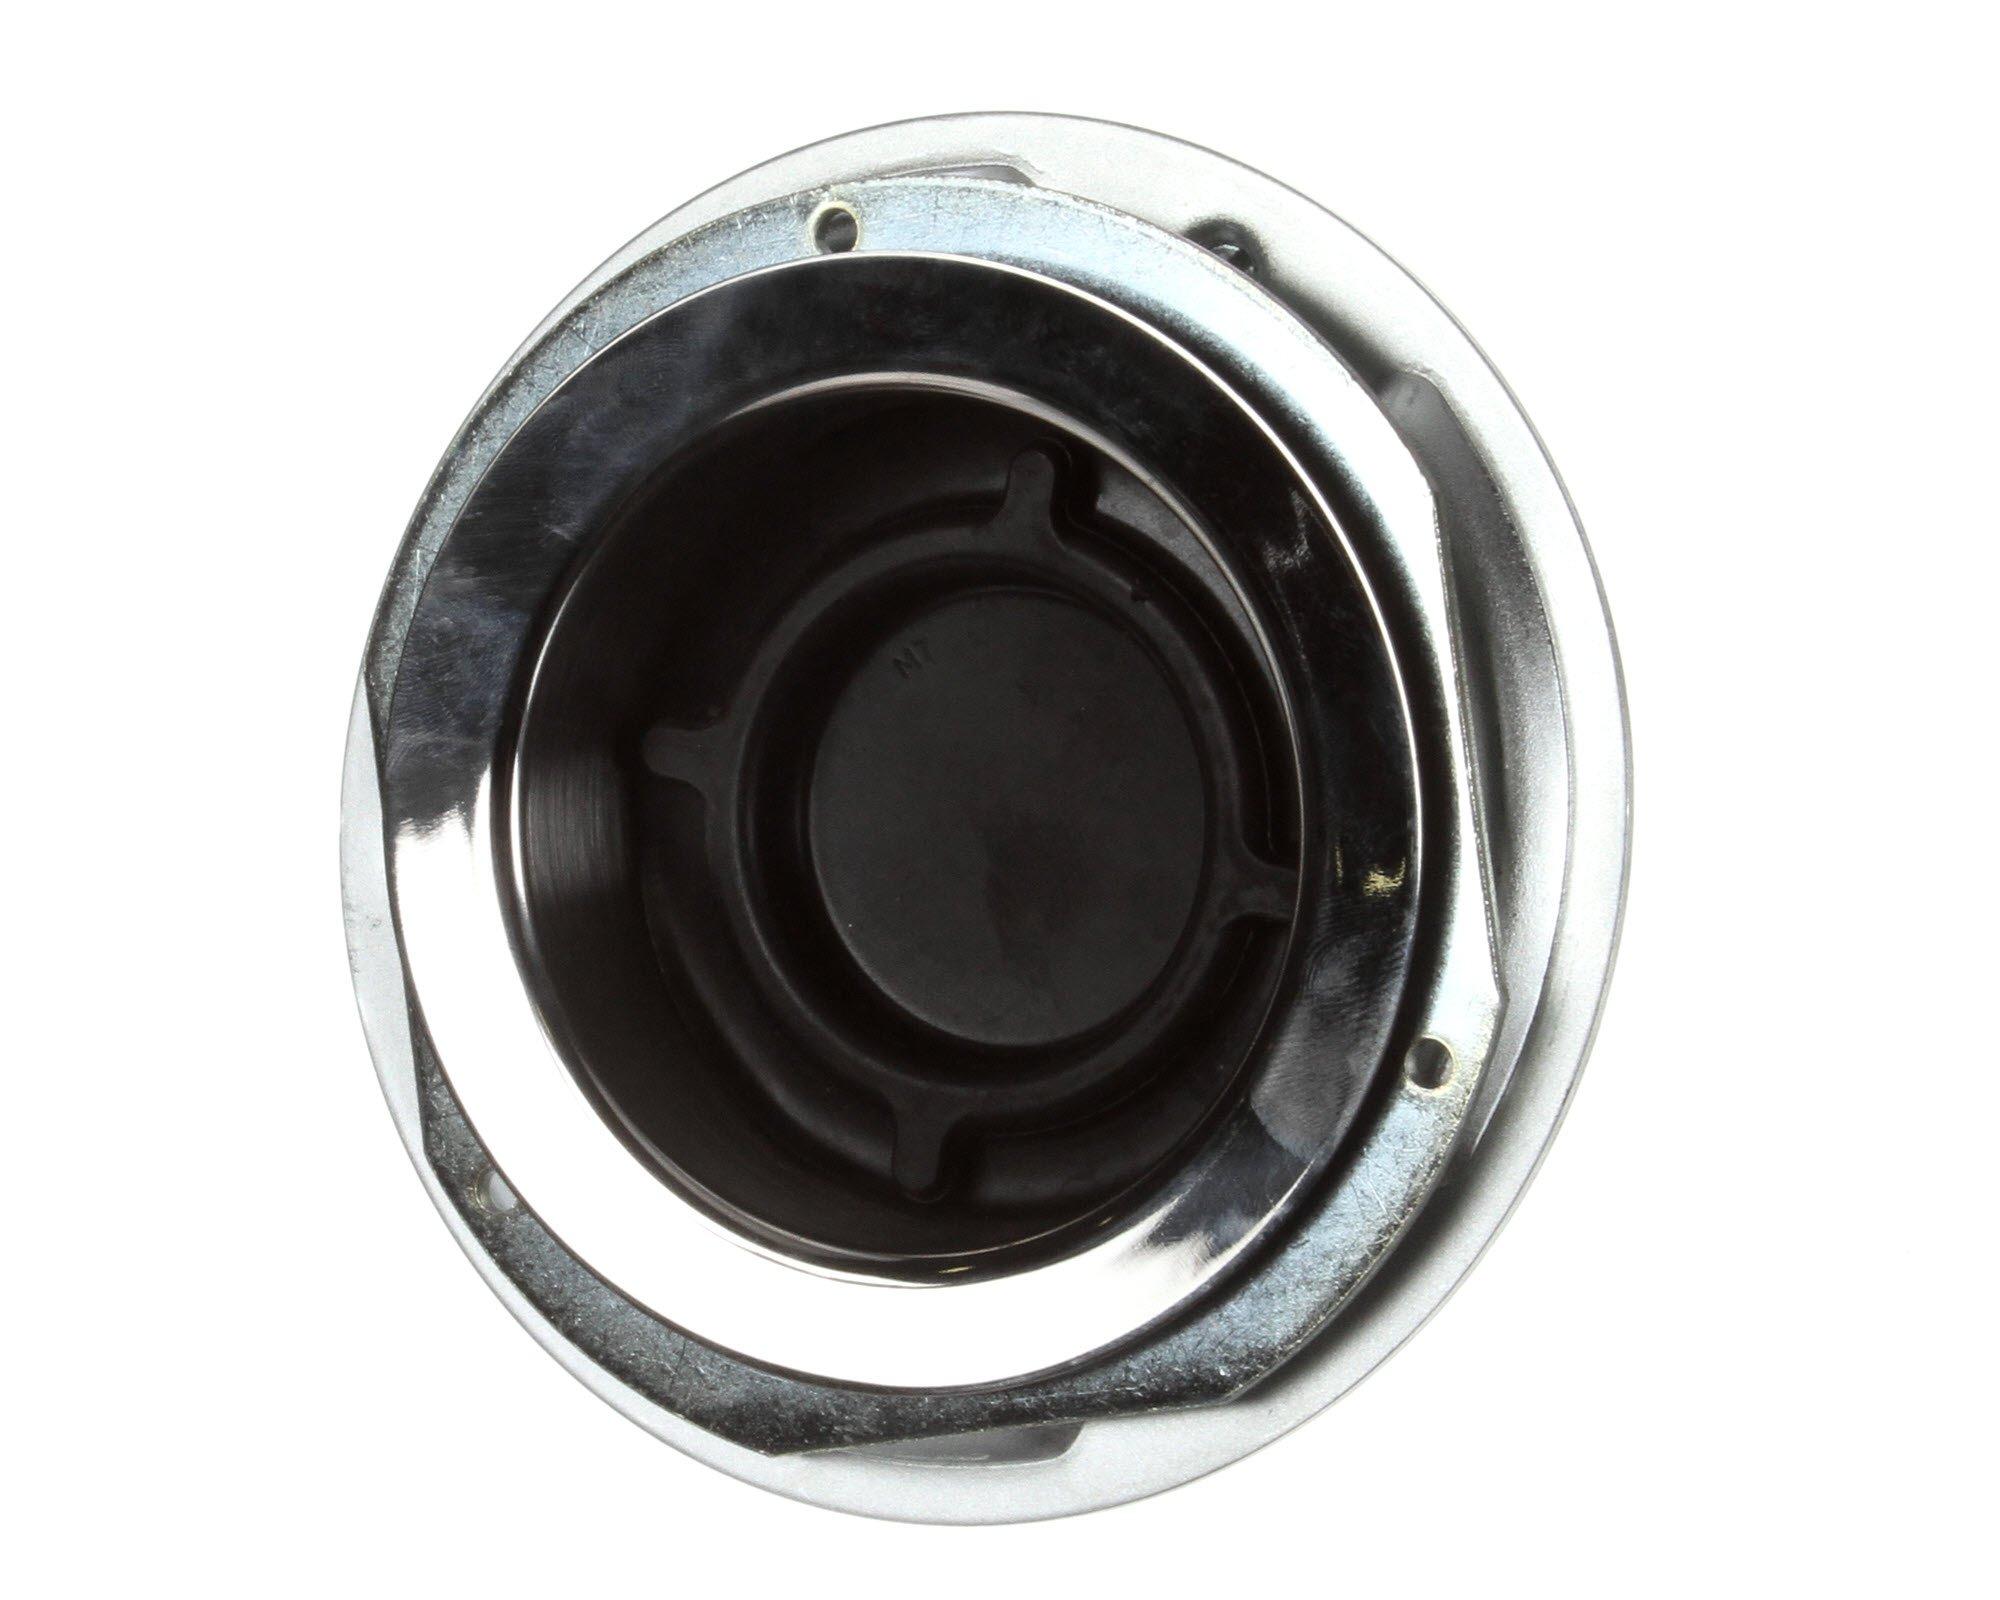 Waste King 3157AMC 3 Bolt My Sink Flange Kit by Waste King